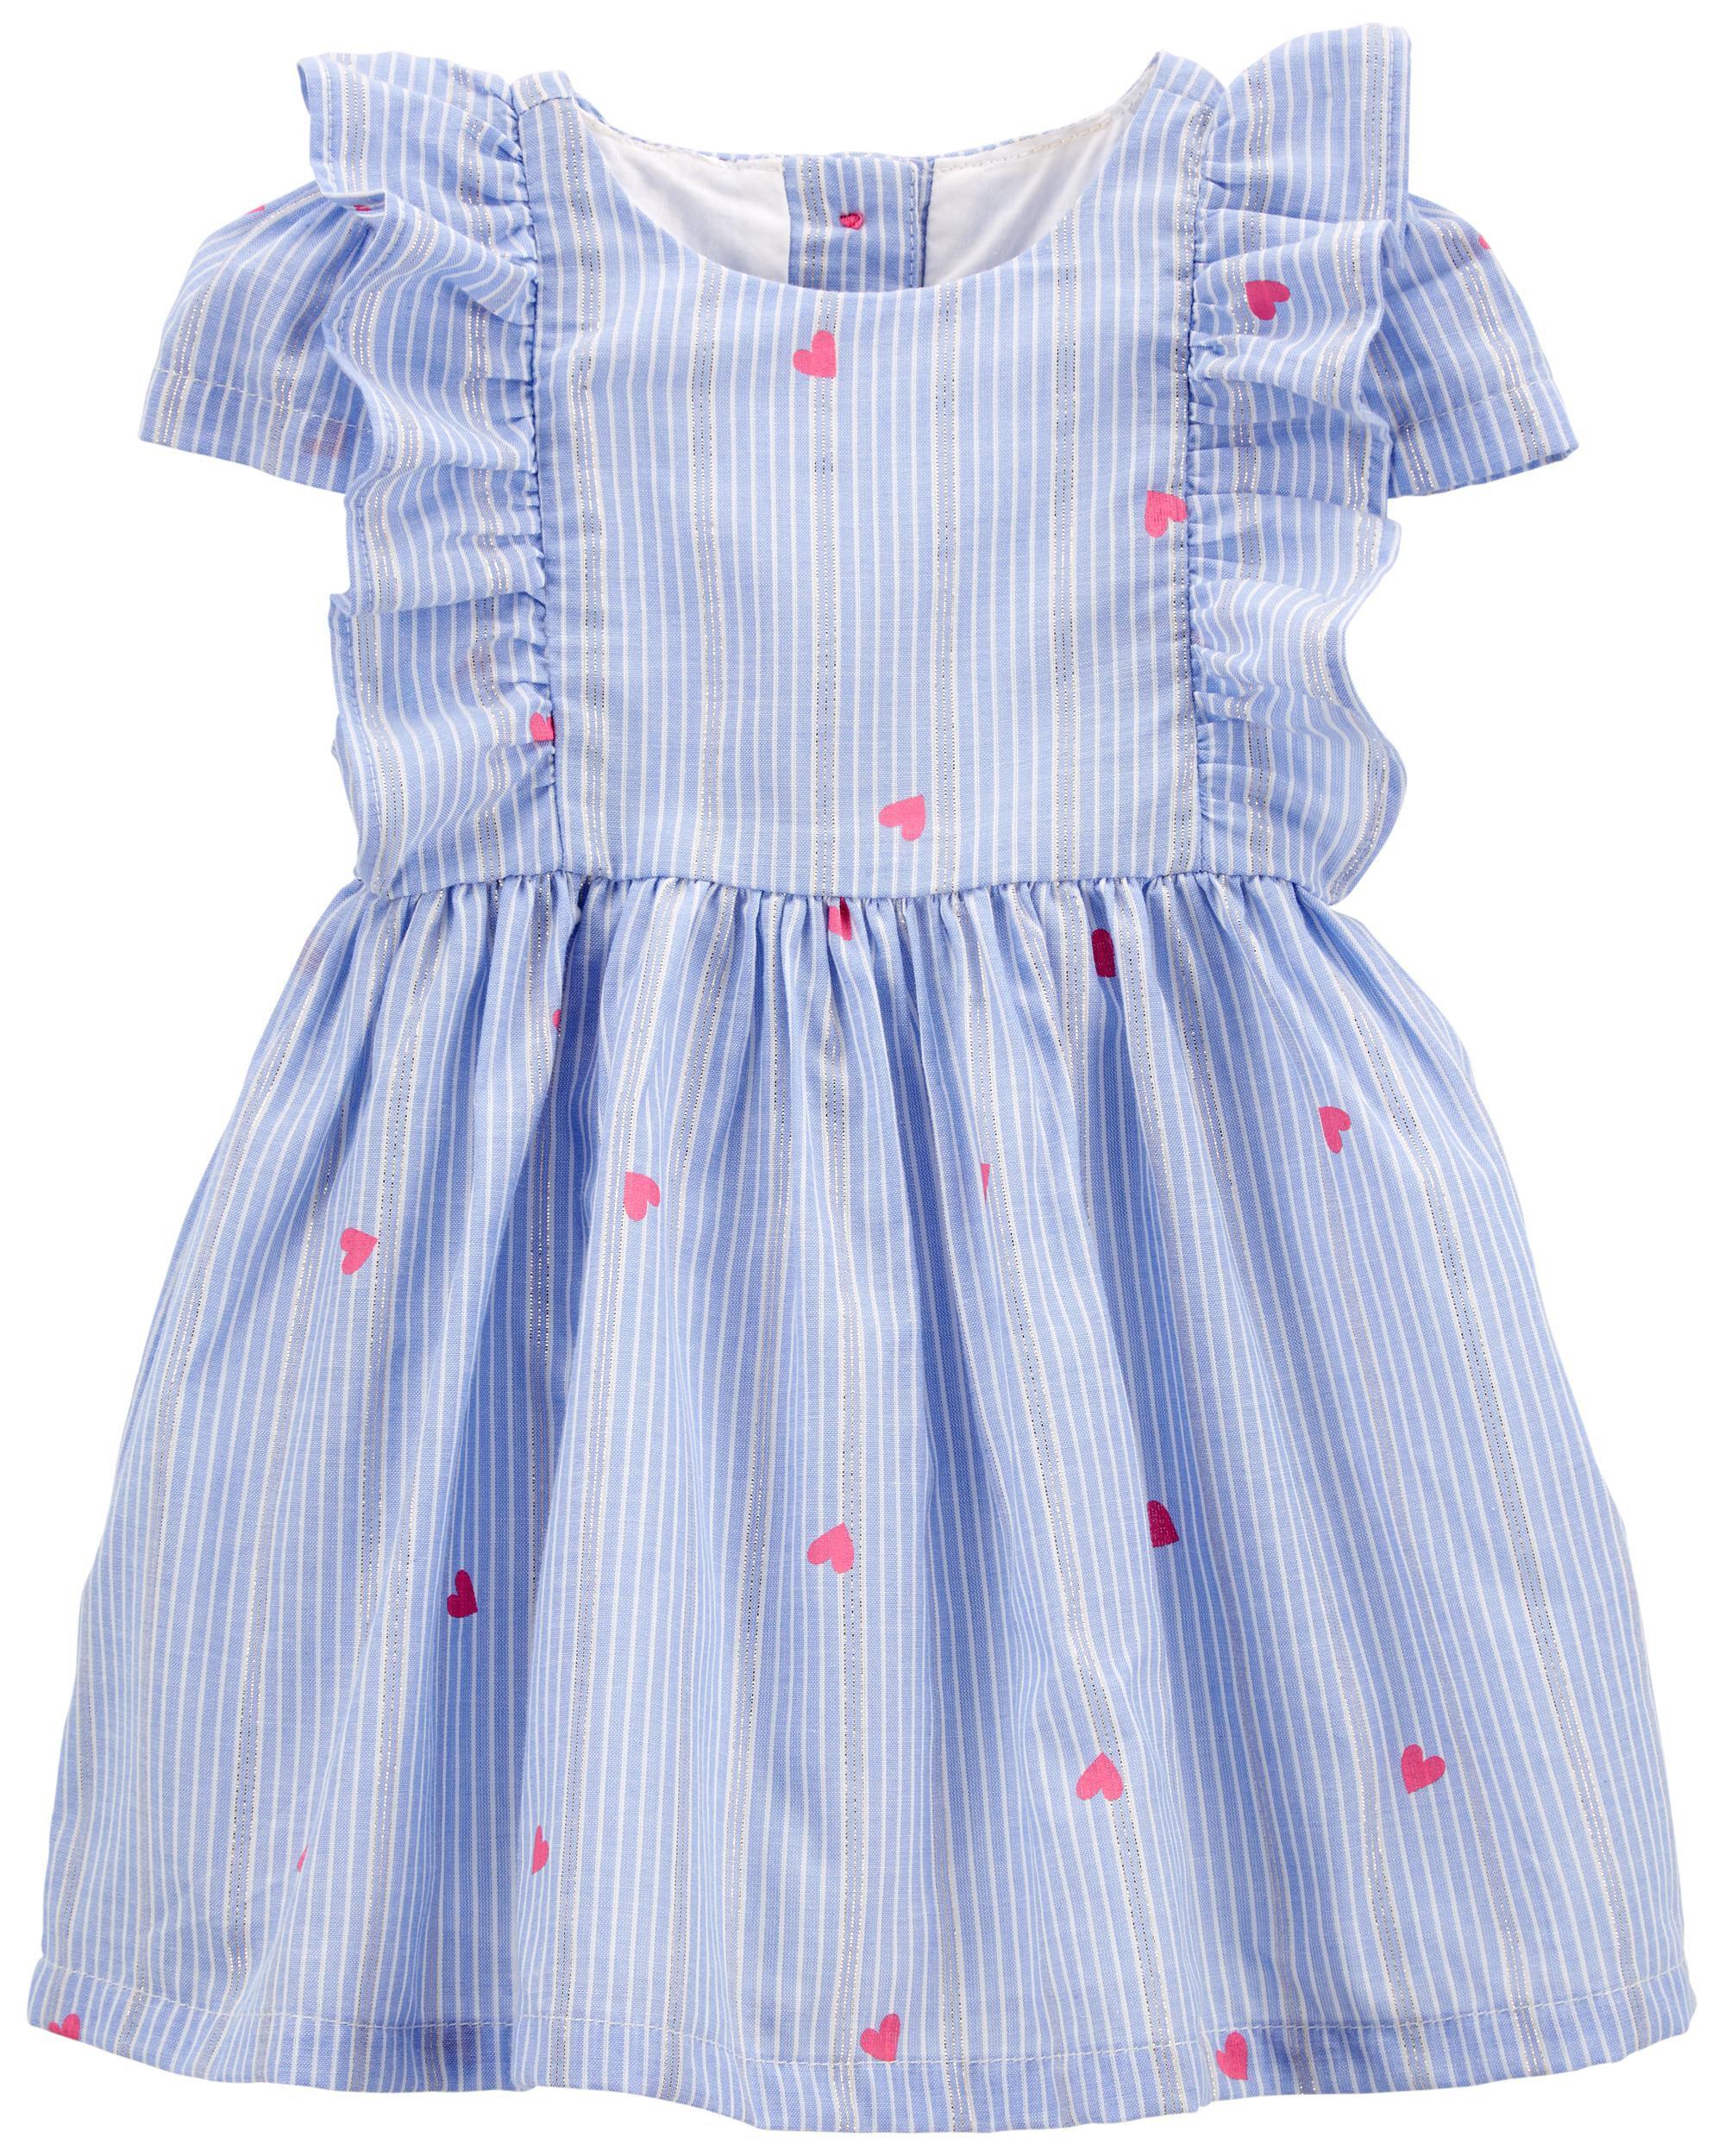 Oshkoshbgosh Sparkle Stripe Heart Print Dress